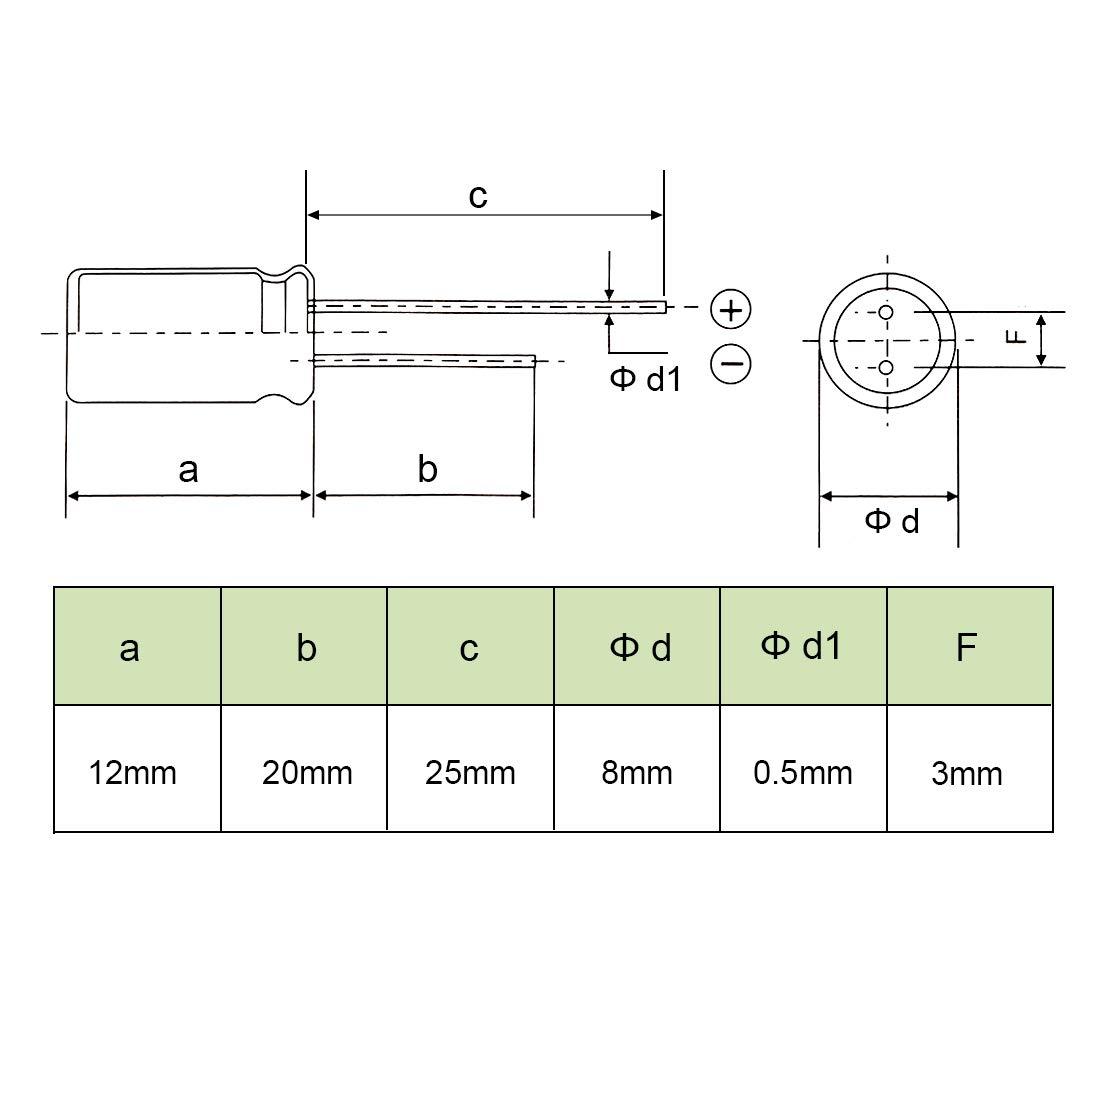 sourcing map Condensadores Electrol/íticos Radiales De Aluminio 220uF 25V Vida 8 X 12mm Negro 10Pcs